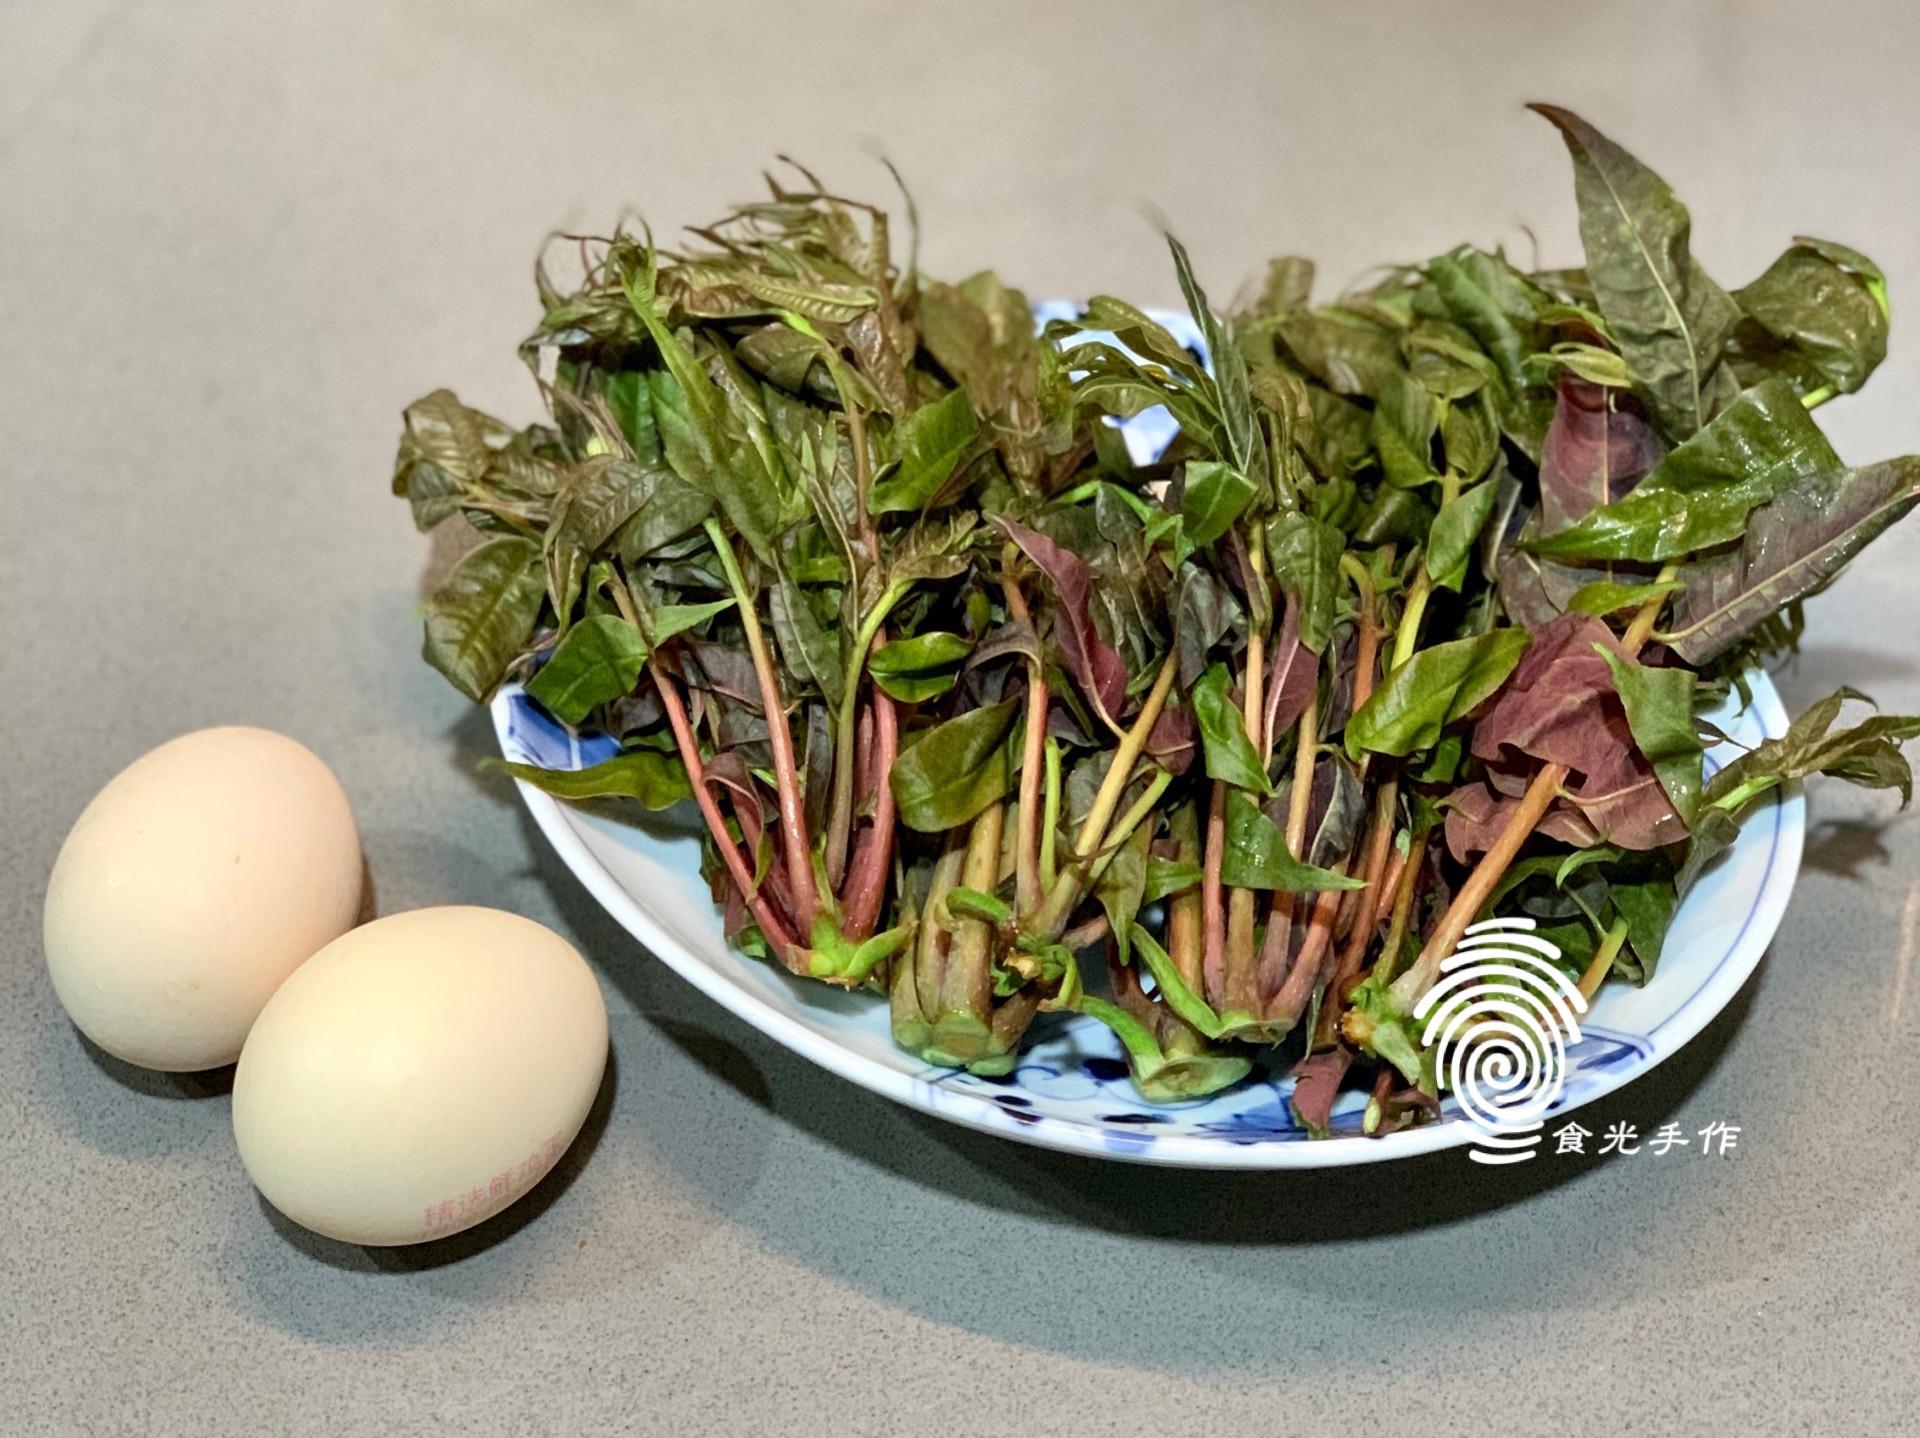 春季佳餚《香椿炒雞蛋》